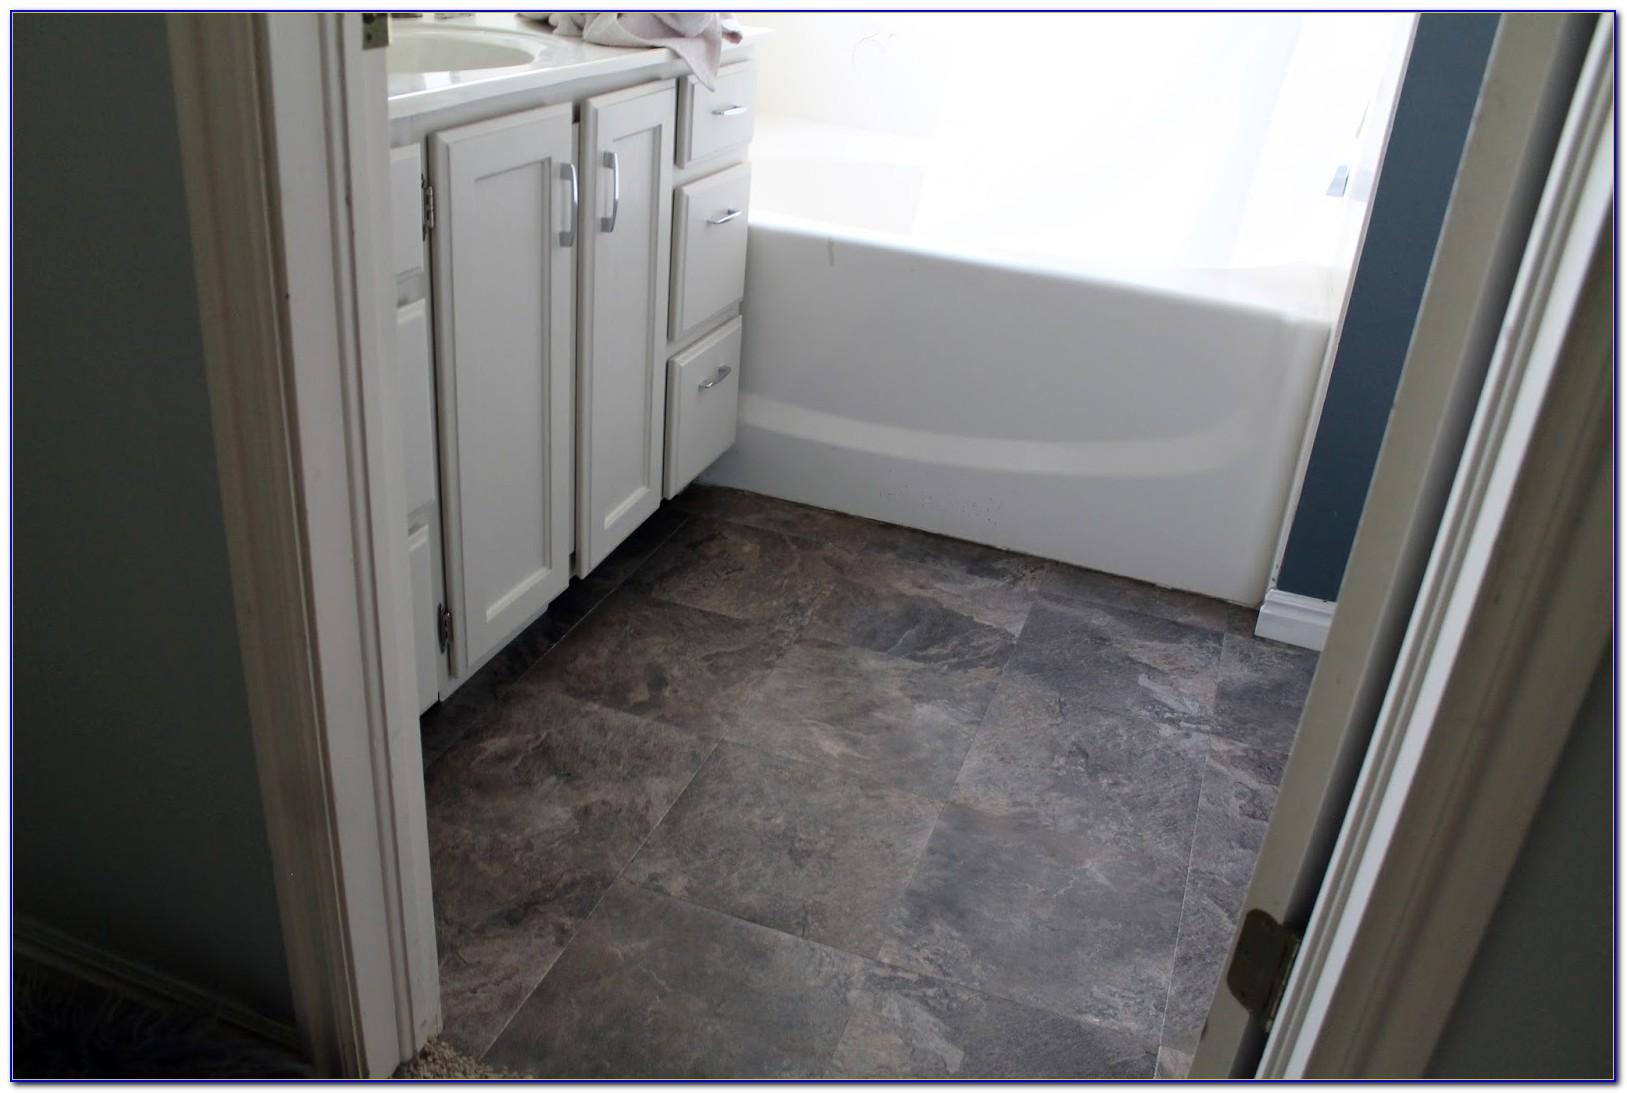 Peel And Stick Tile Bathroom Flooring